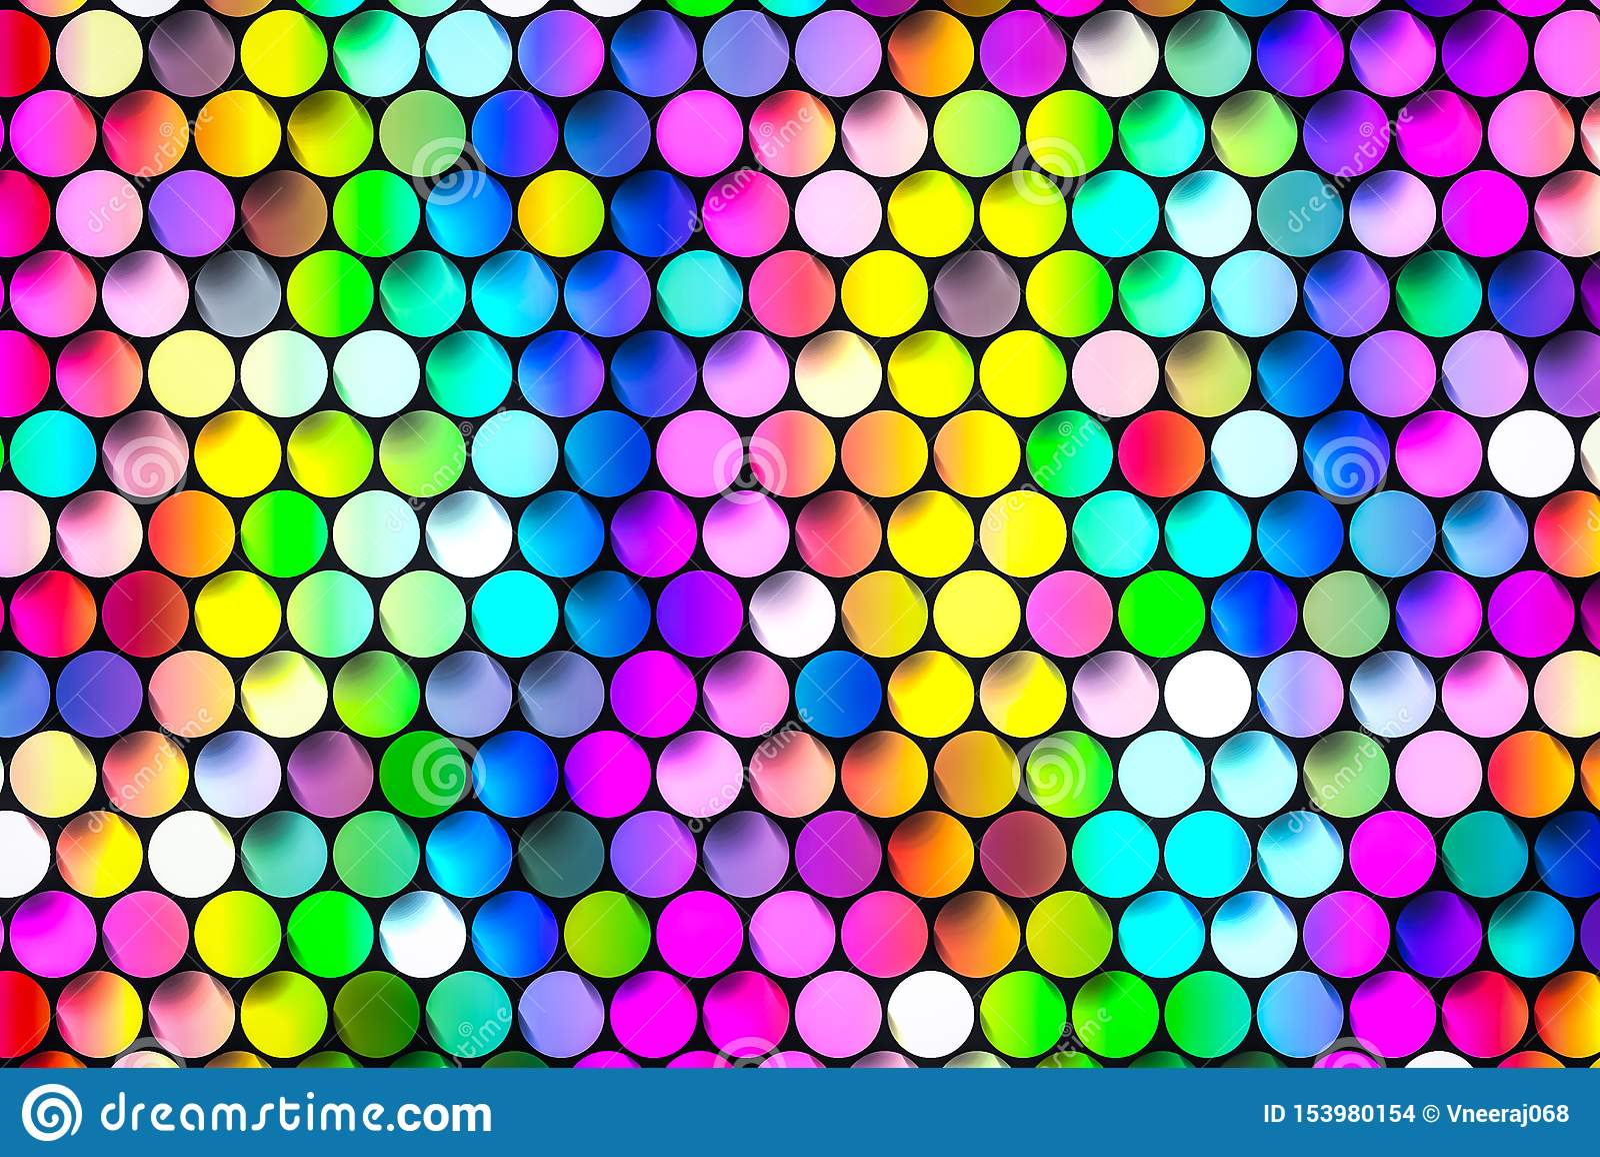 Edelstein-vibrierende mehrfarbige Tablets mit sechseckigem